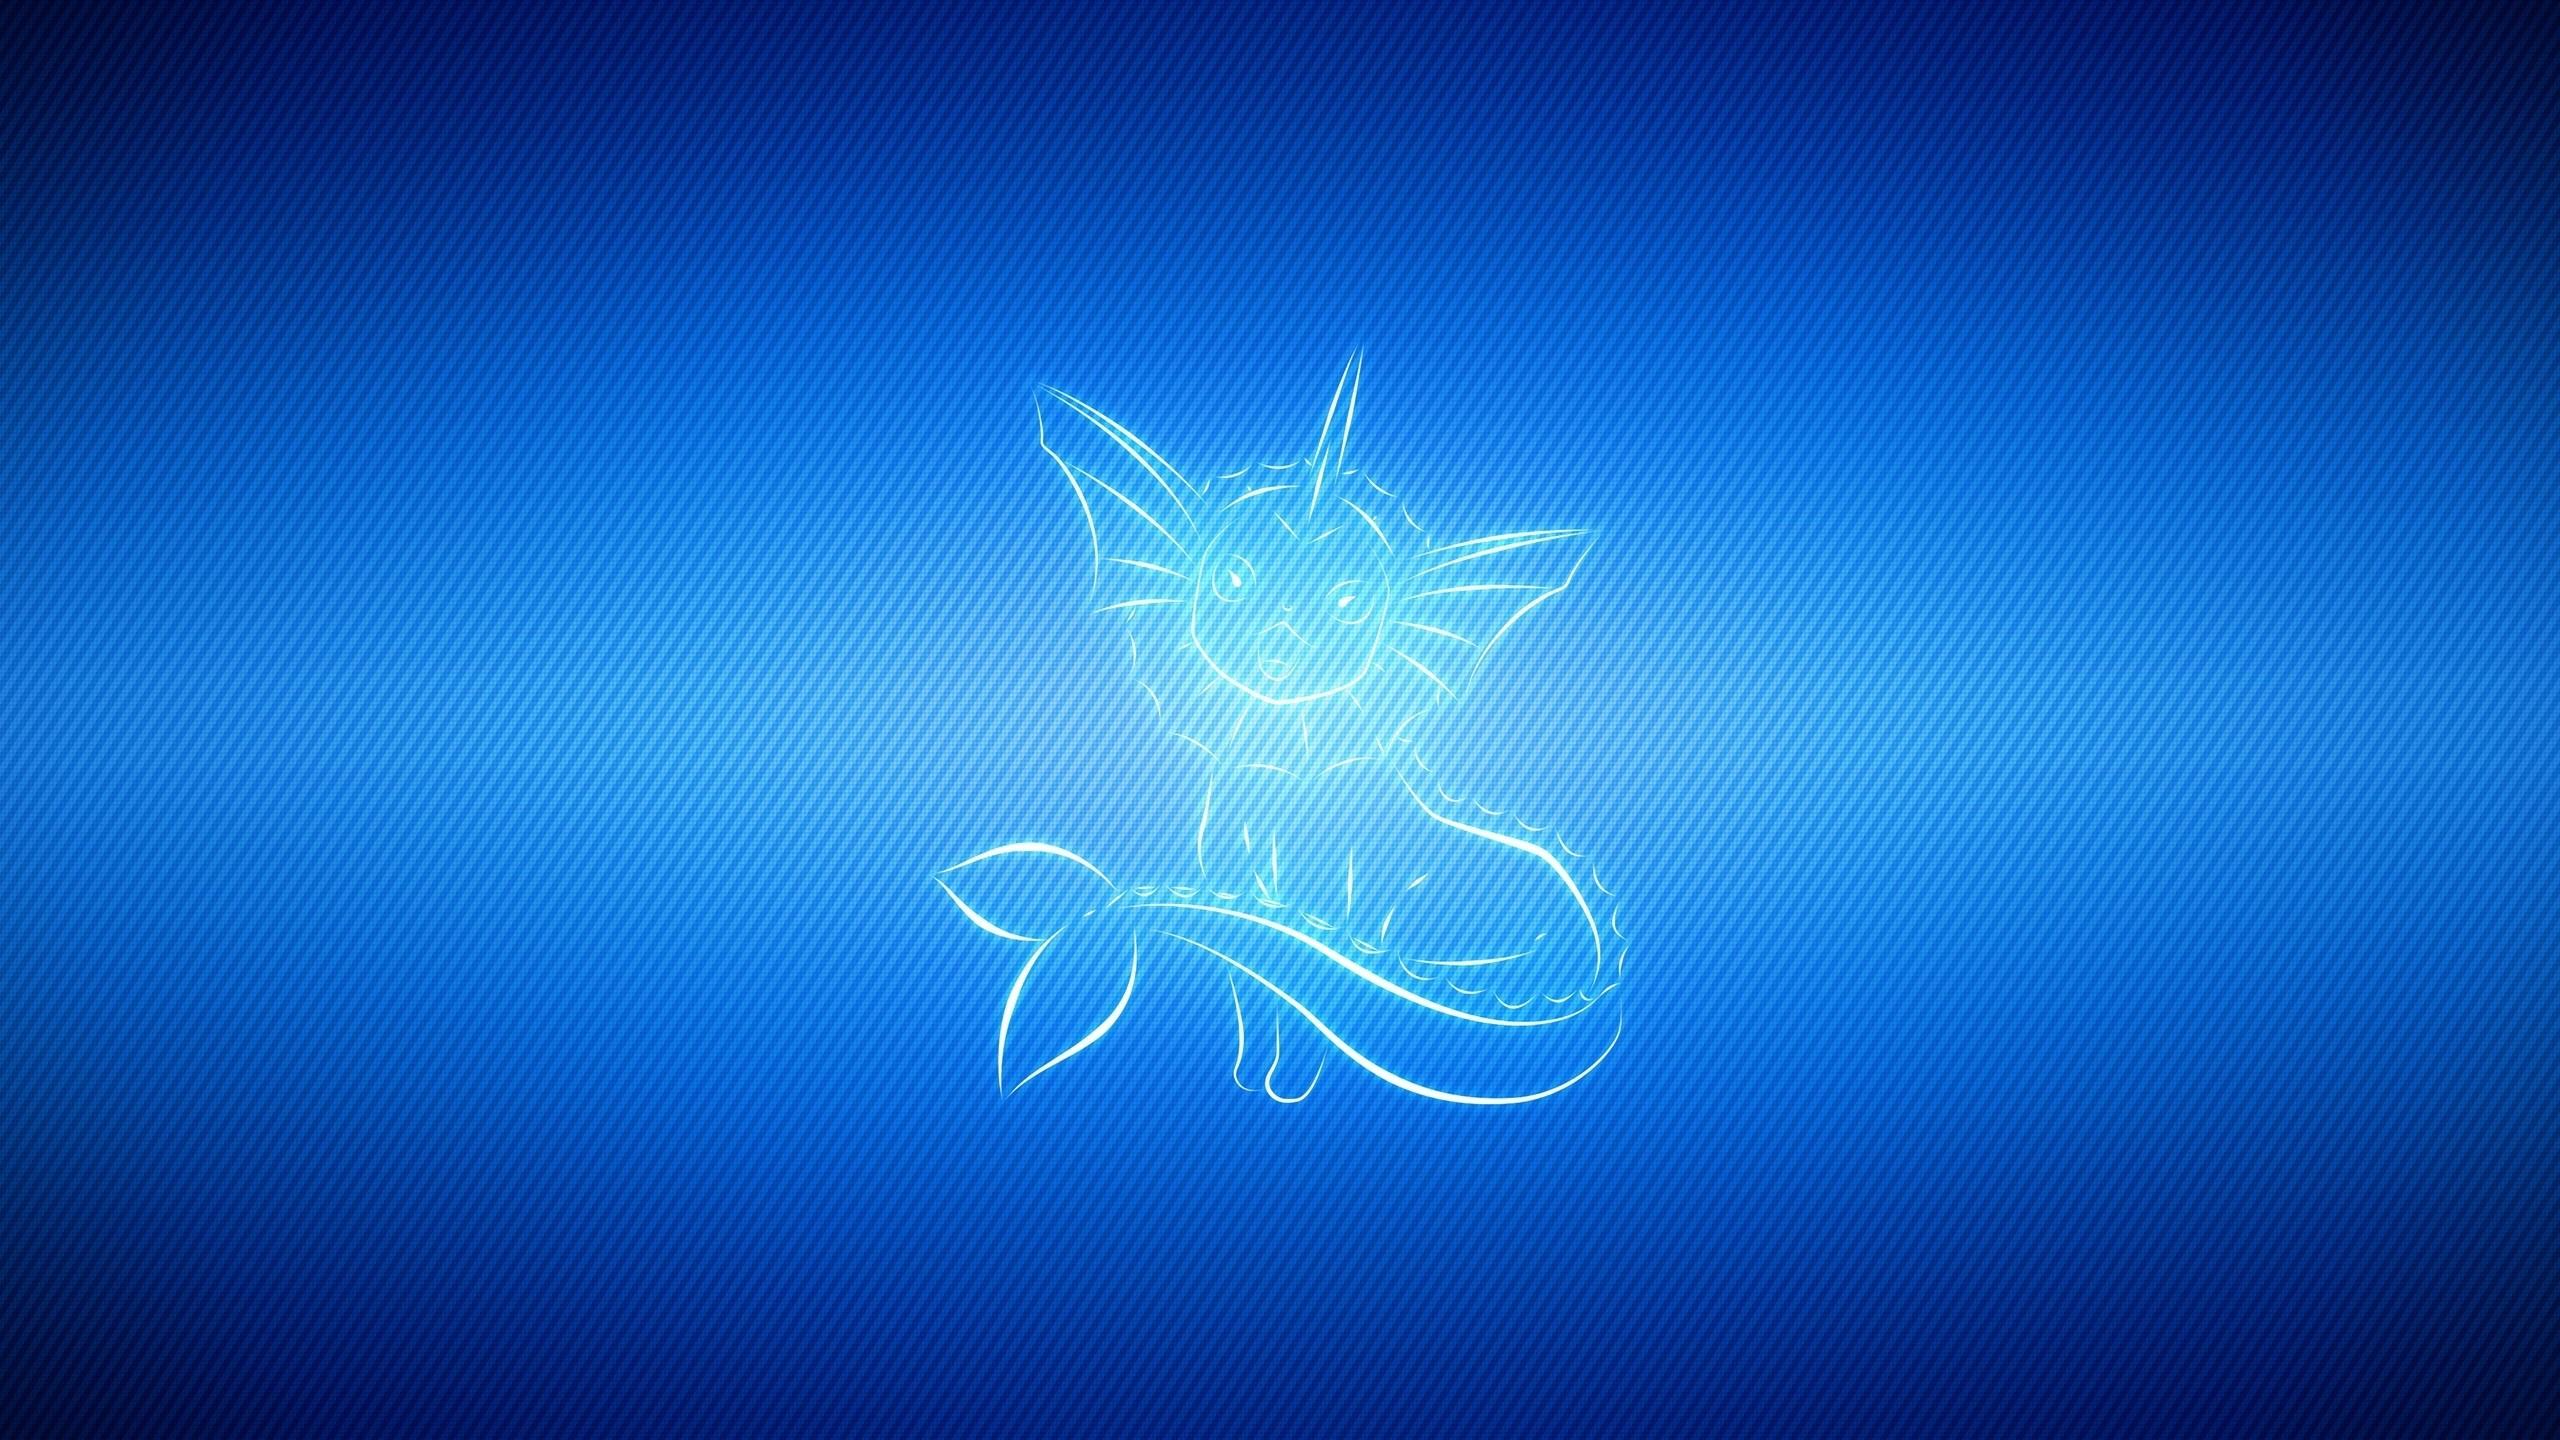 Wallpaper vaporeon, light, line, pokemon blue